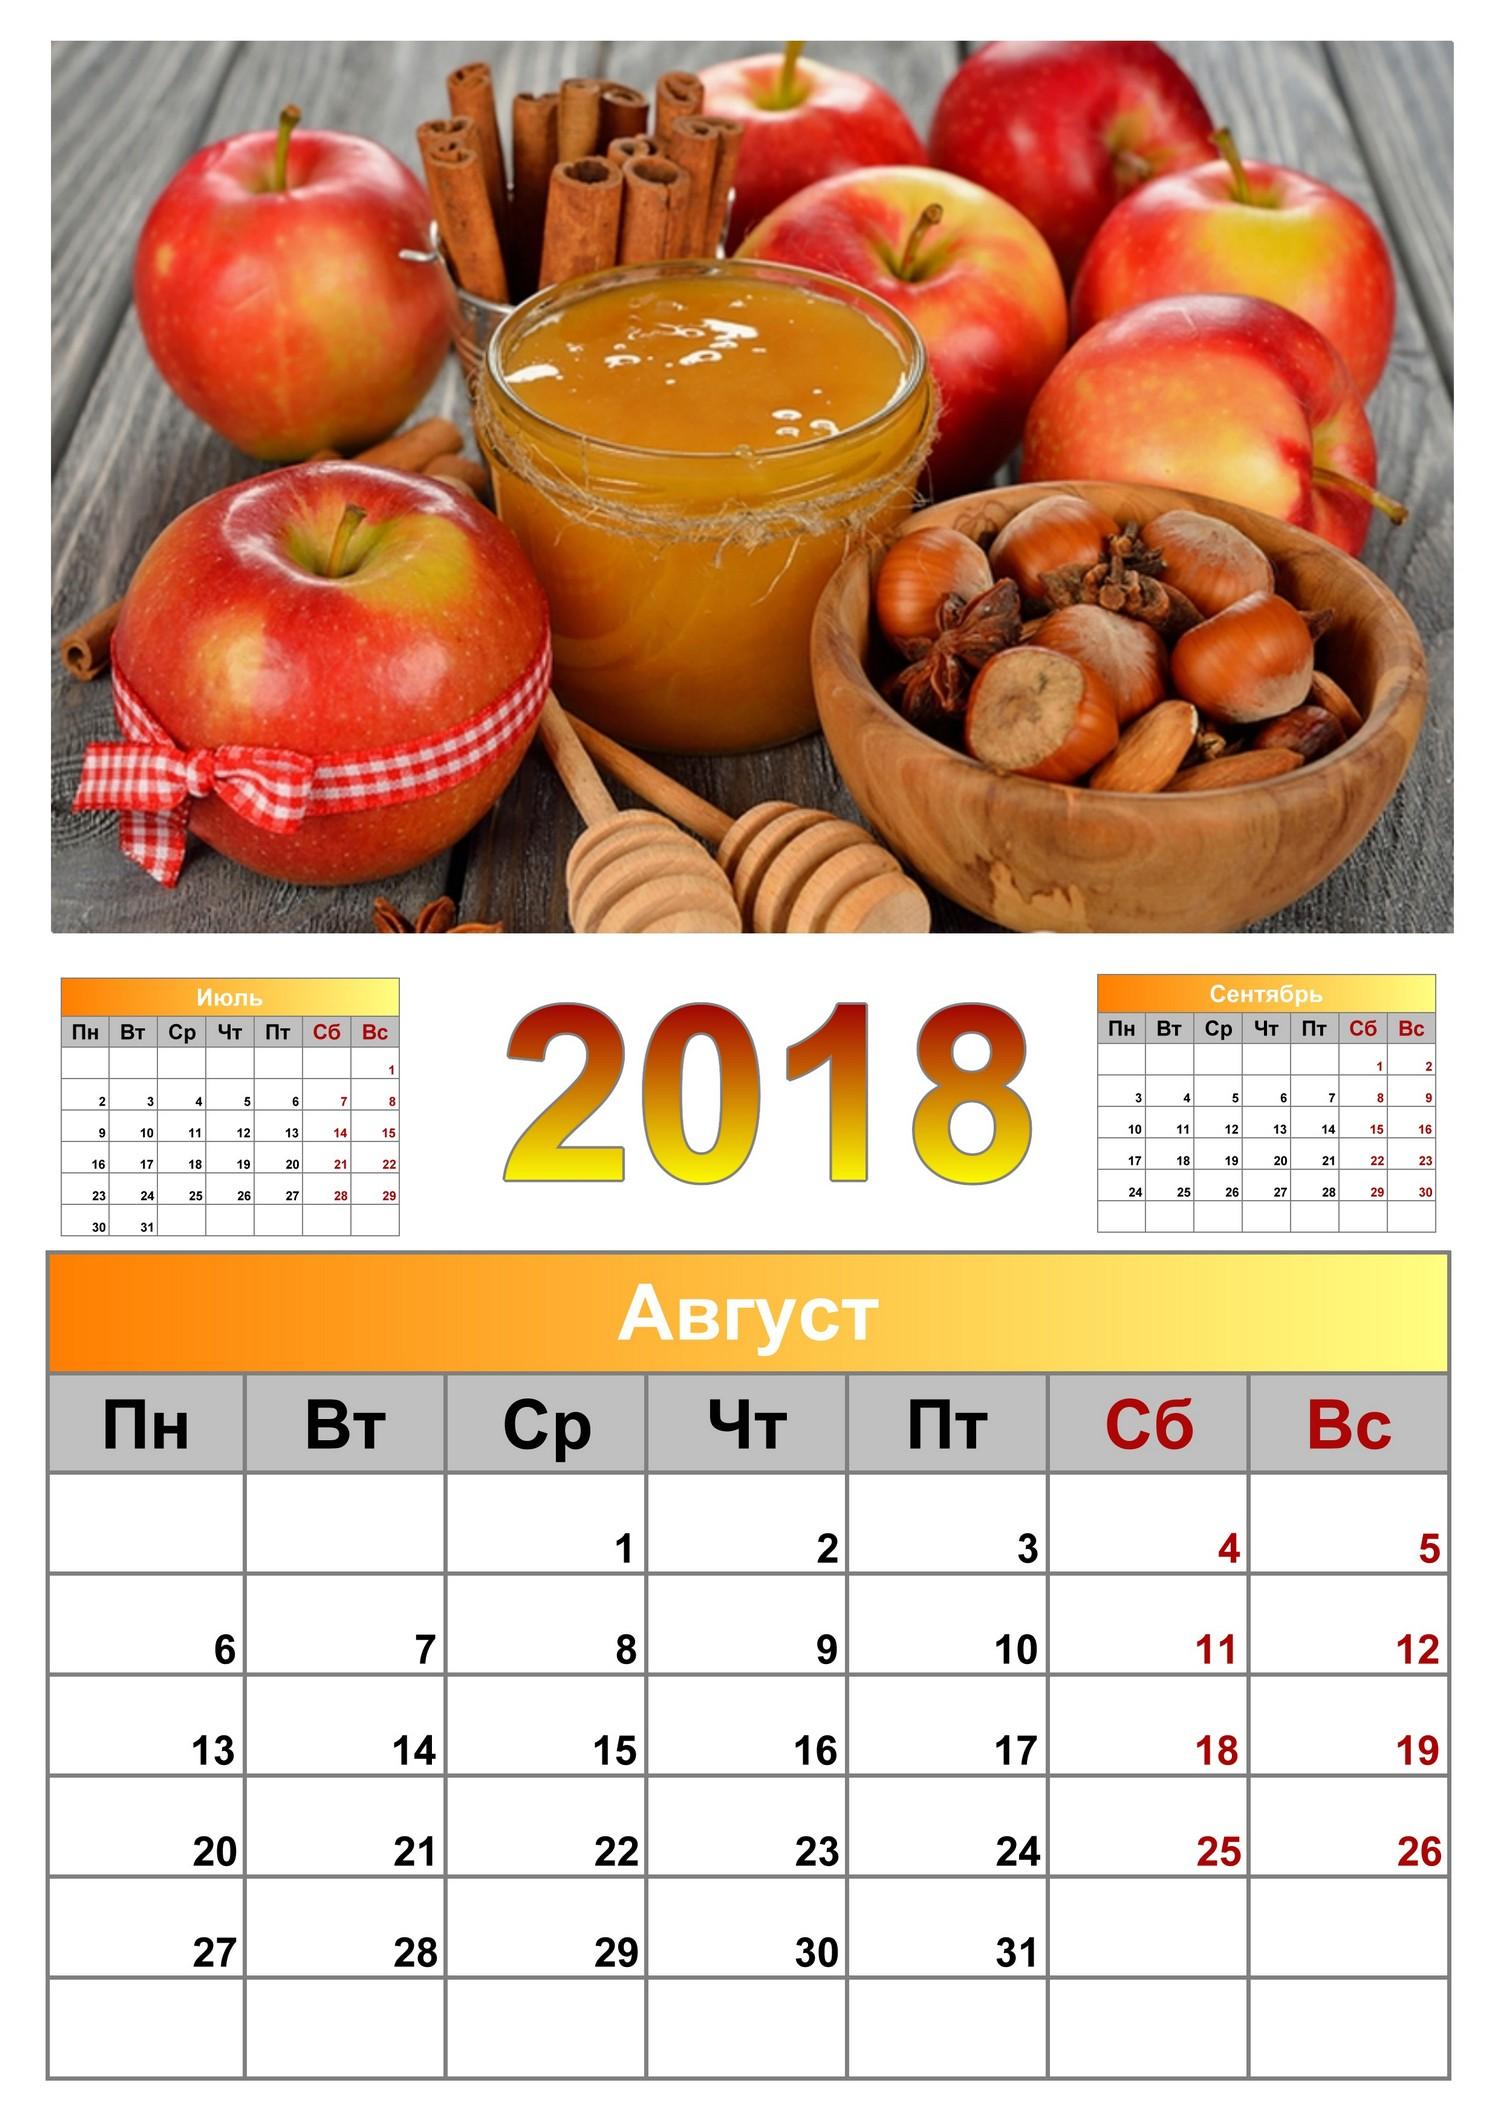 Лунный календарь на март 2018 года. Новолуние и полнолуние